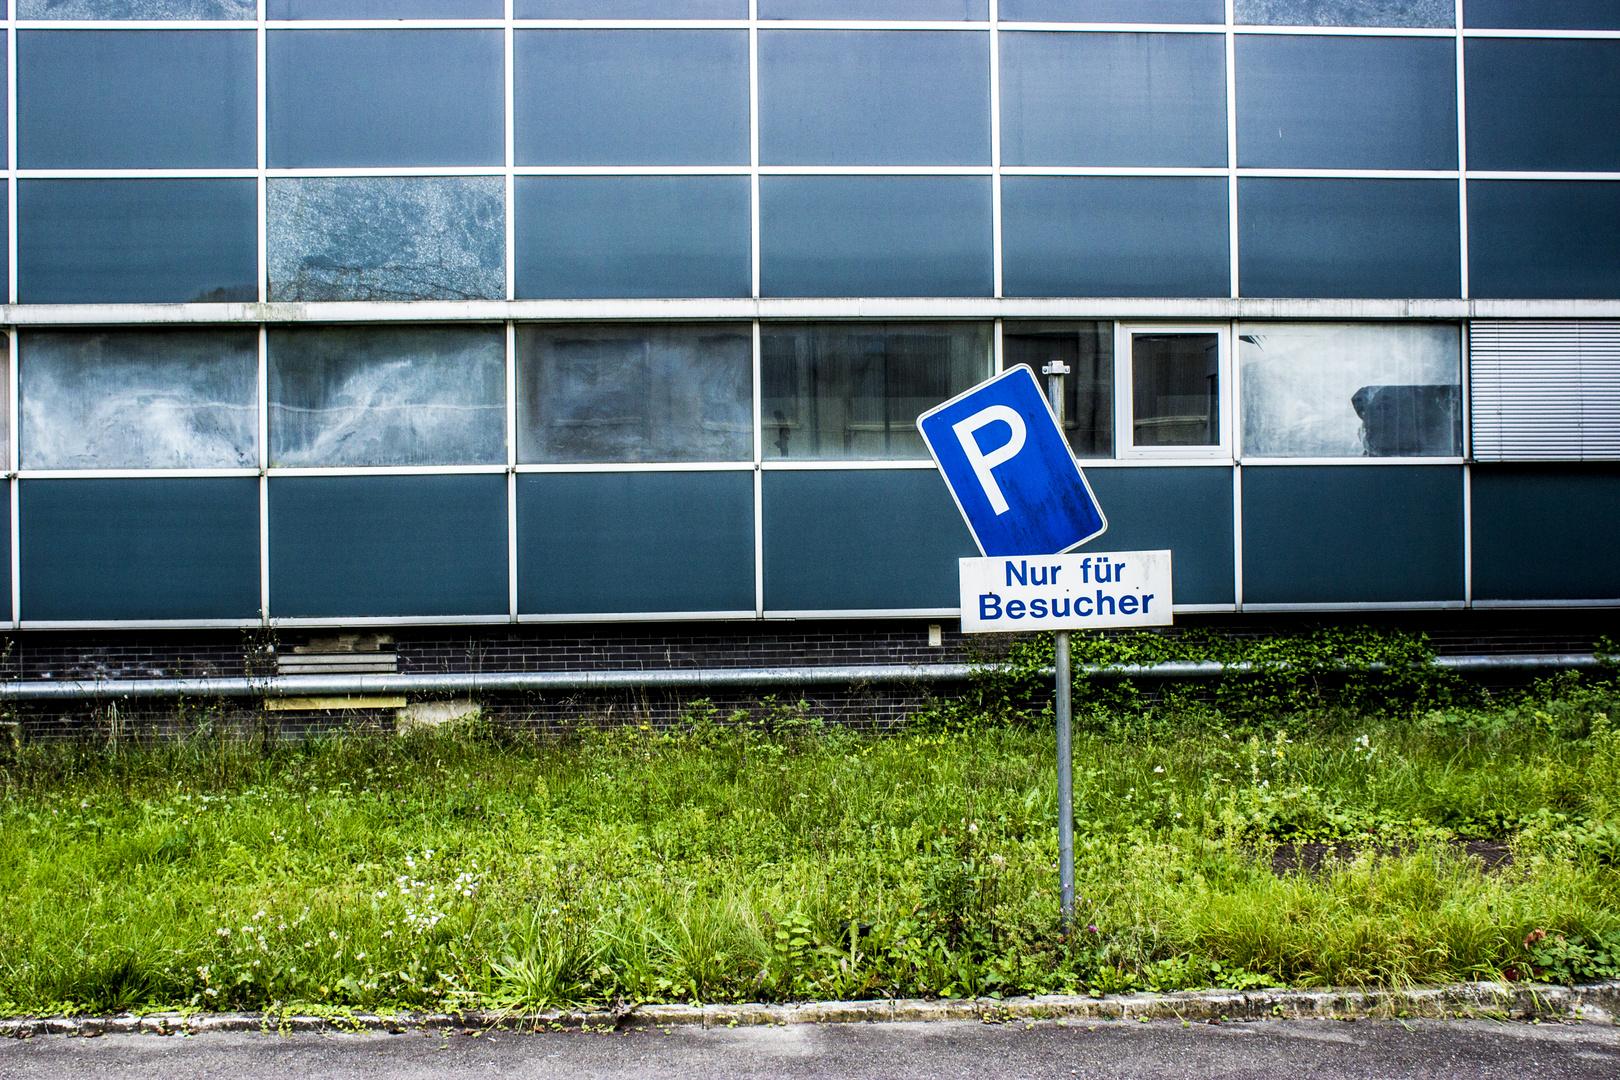 Parken nur für Besucher